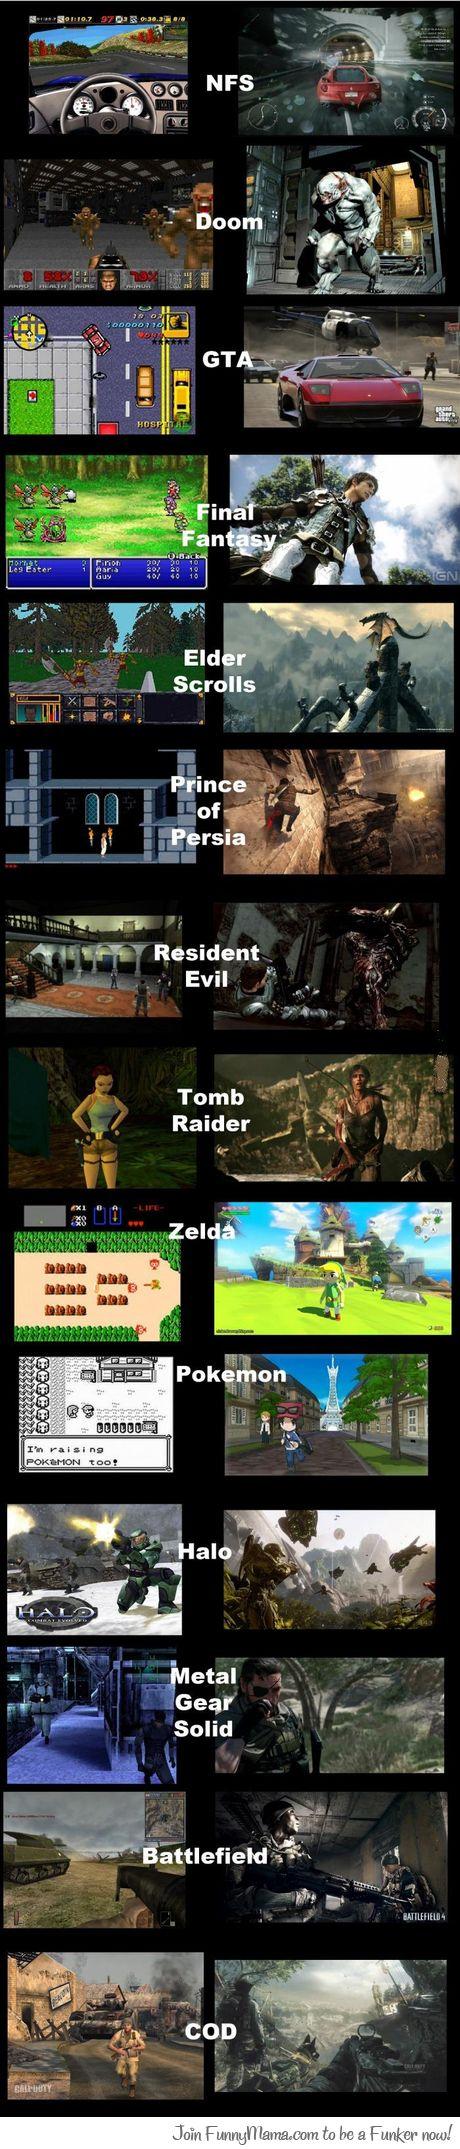 La evolución en los gráficos de los videojuegos